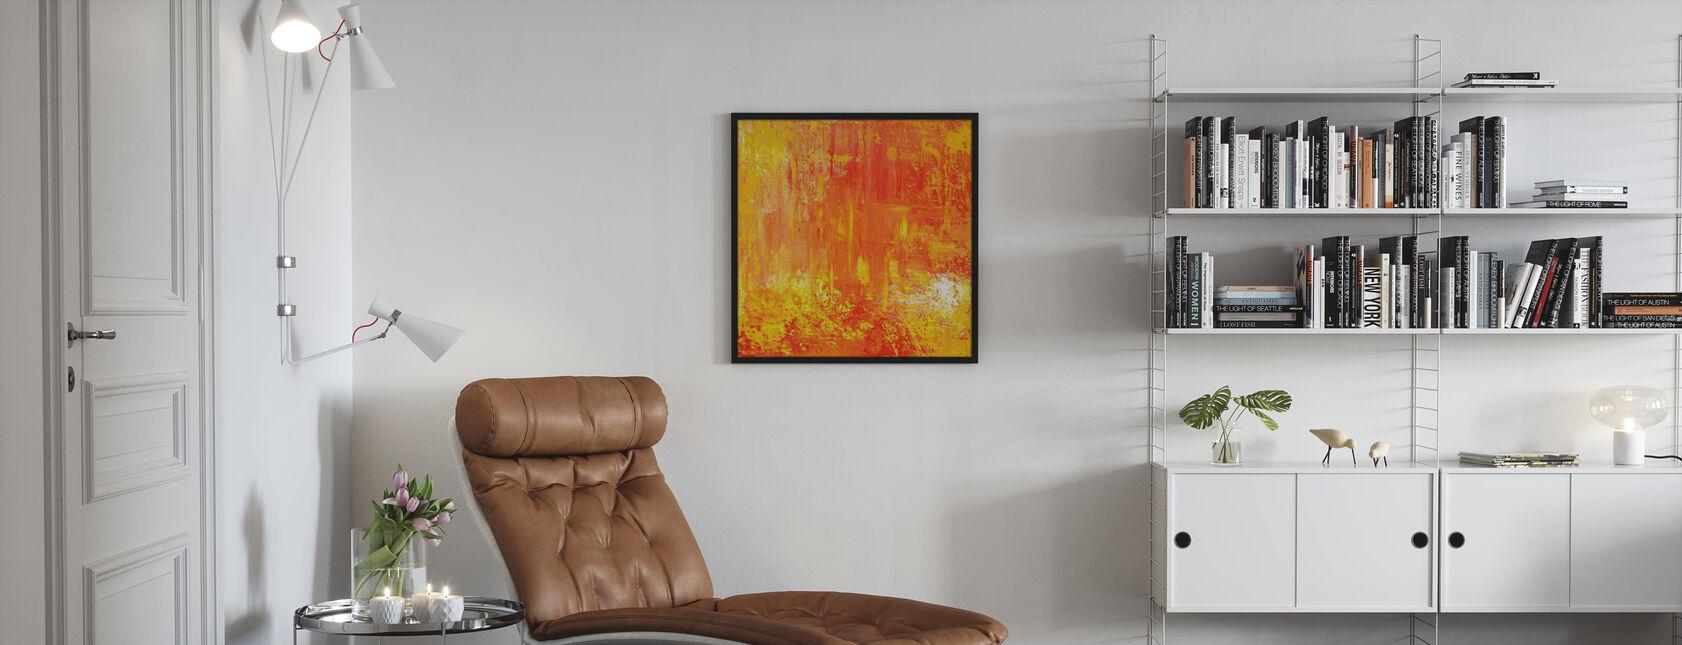 Eternal - Poster - Living Room